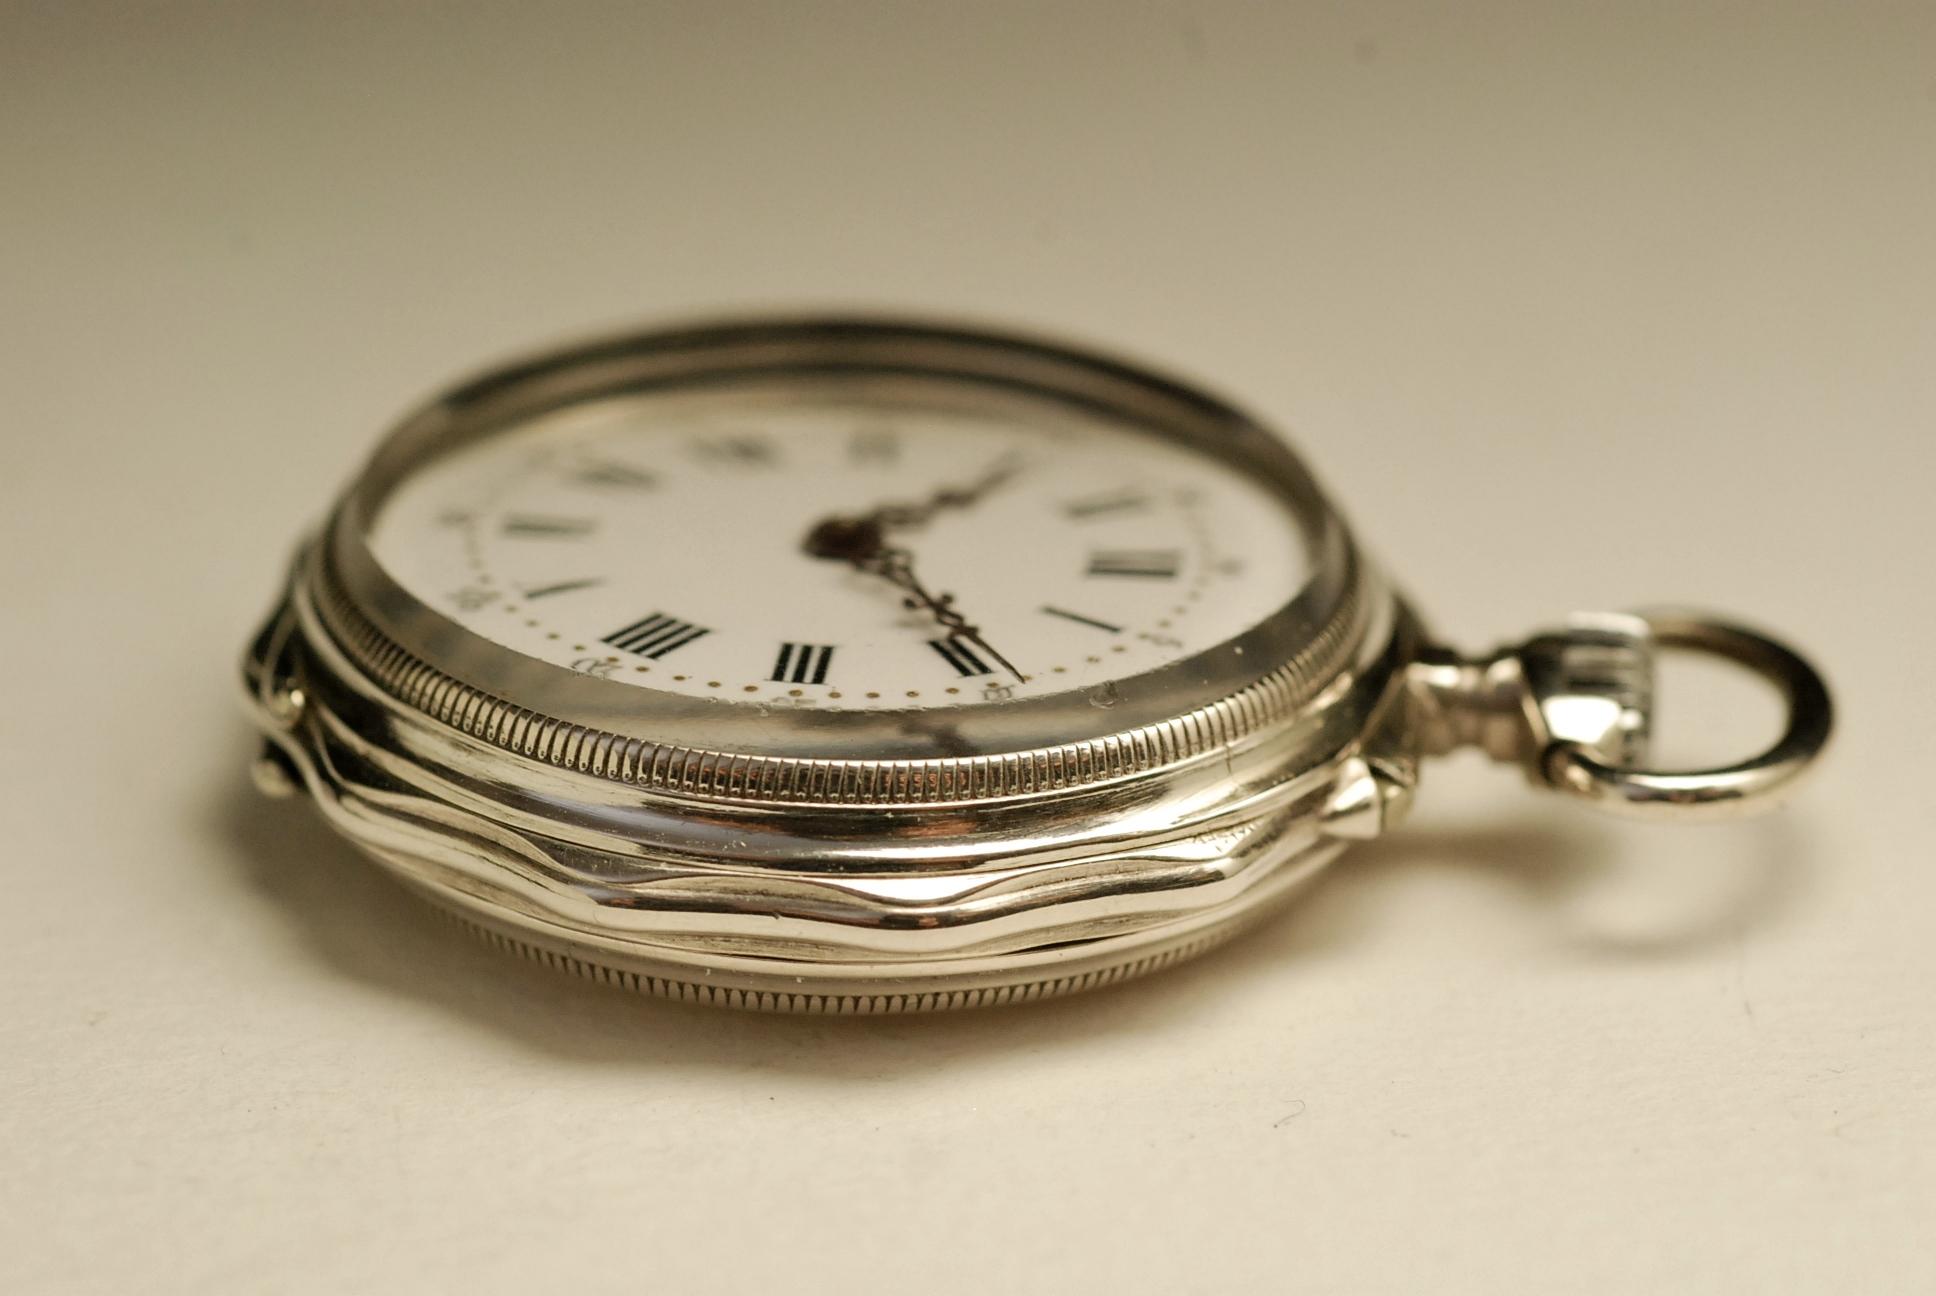 ancienne montre gousset col en argent 1880 vintage silver. Black Bedroom Furniture Sets. Home Design Ideas